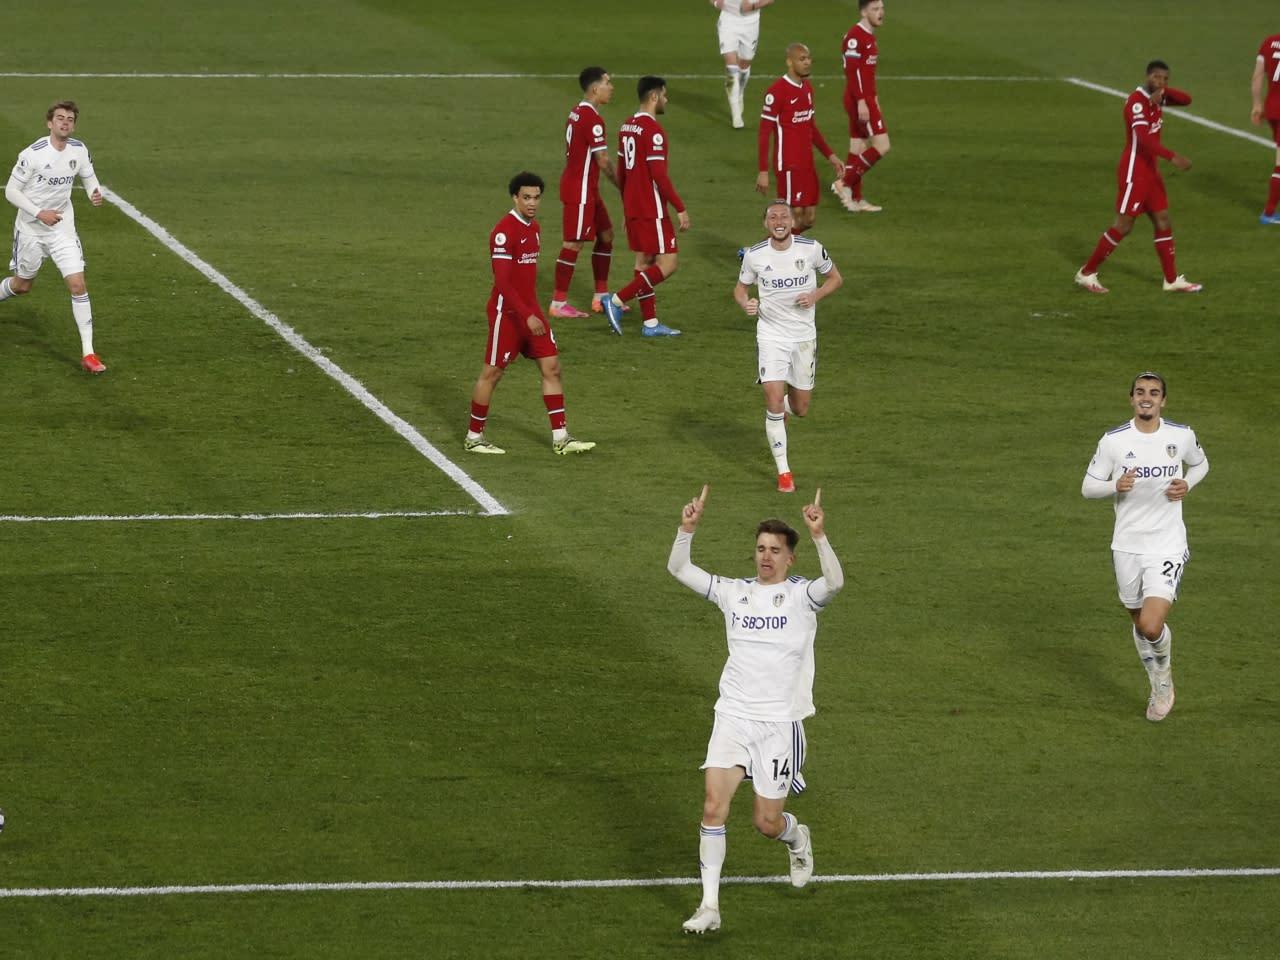 英超利物浦被列斯聯迫和1:1